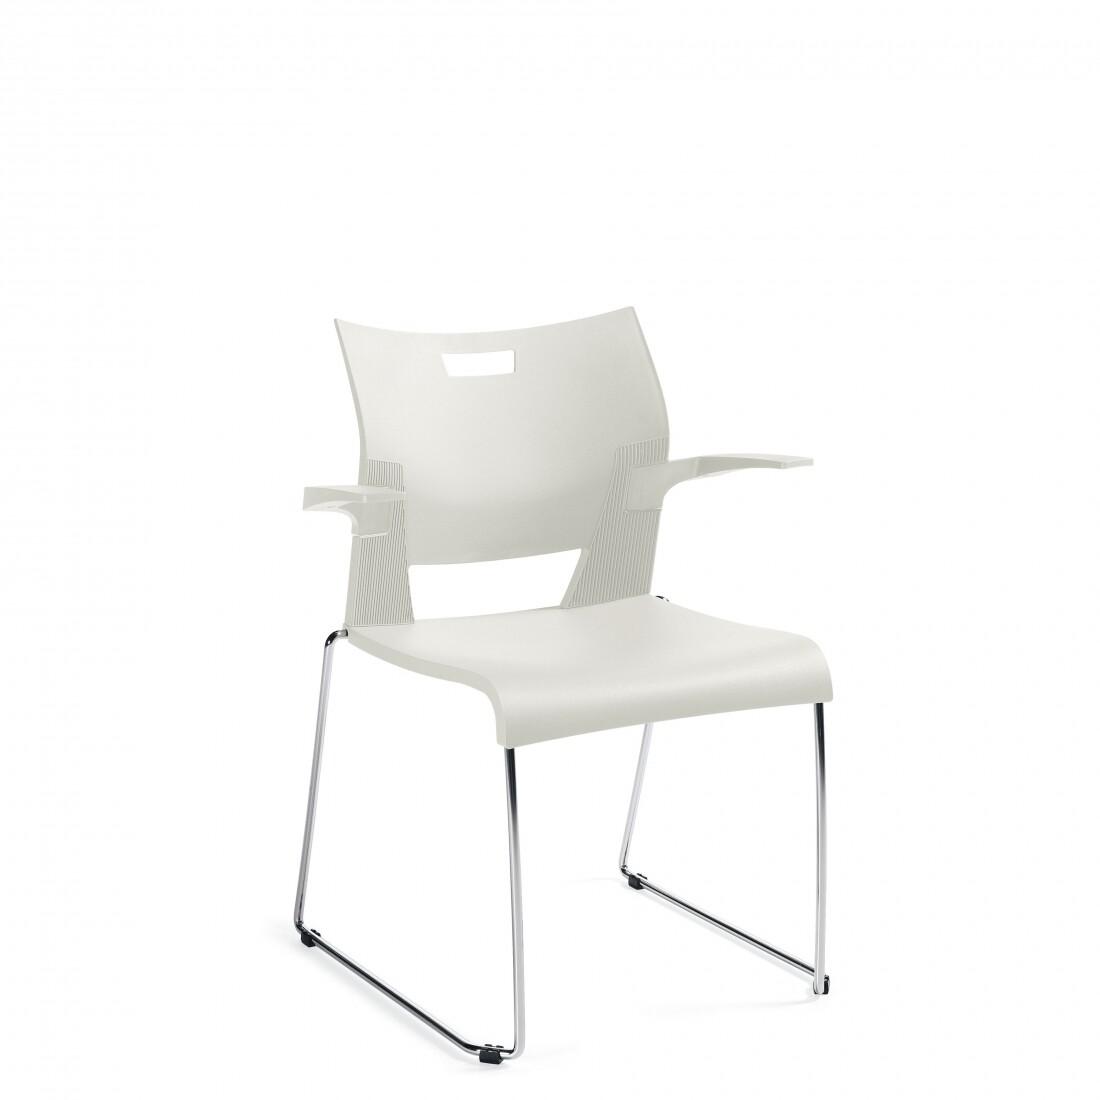 Global Duet Chair (4 Pack)